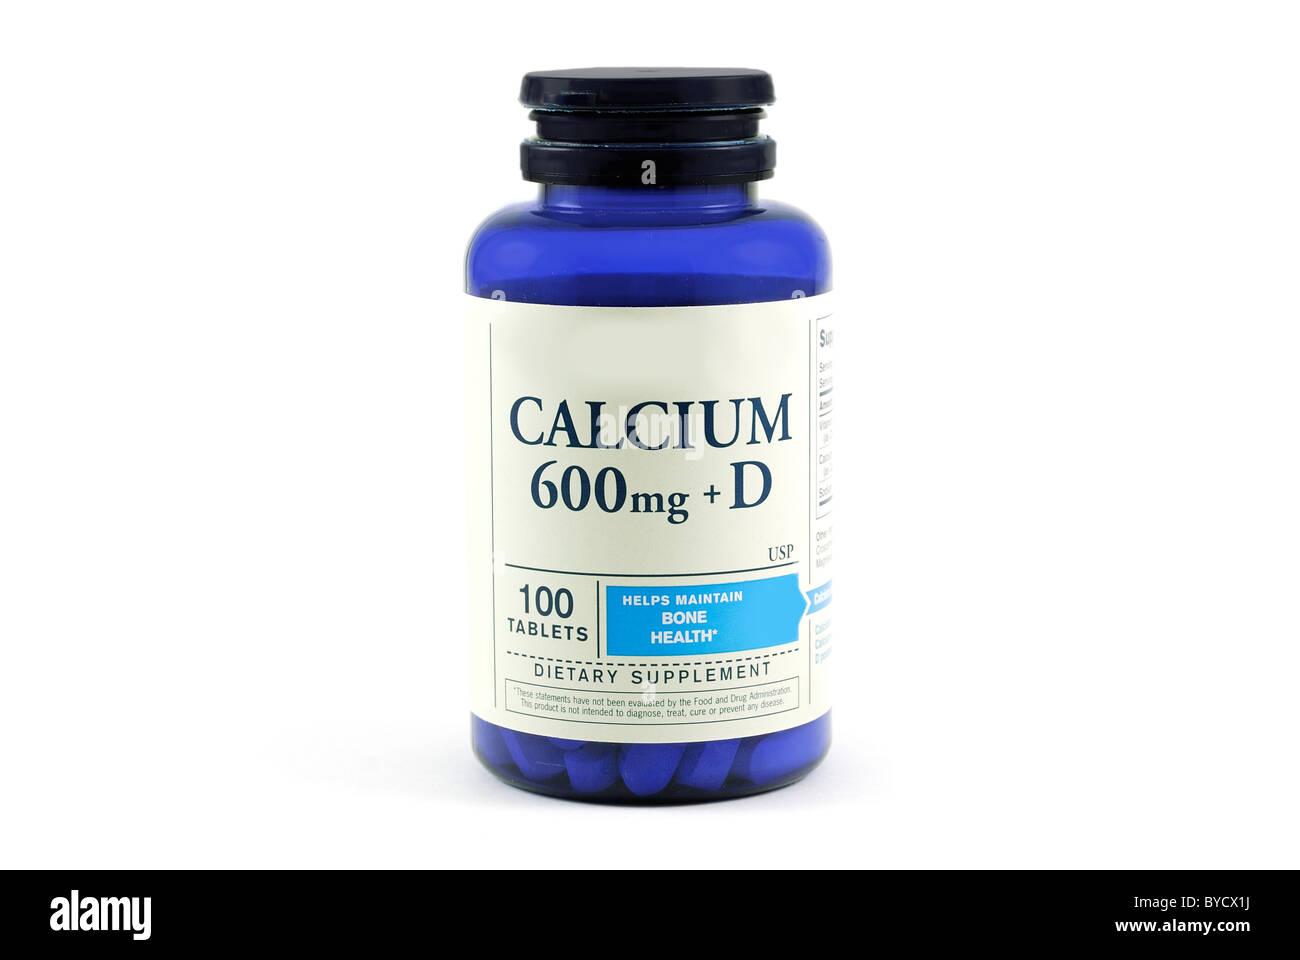 Una botella de calcio con vitamina D genérico utilizado para la salud ósea aislado sobre un fondo blanco. Imagen De Stock